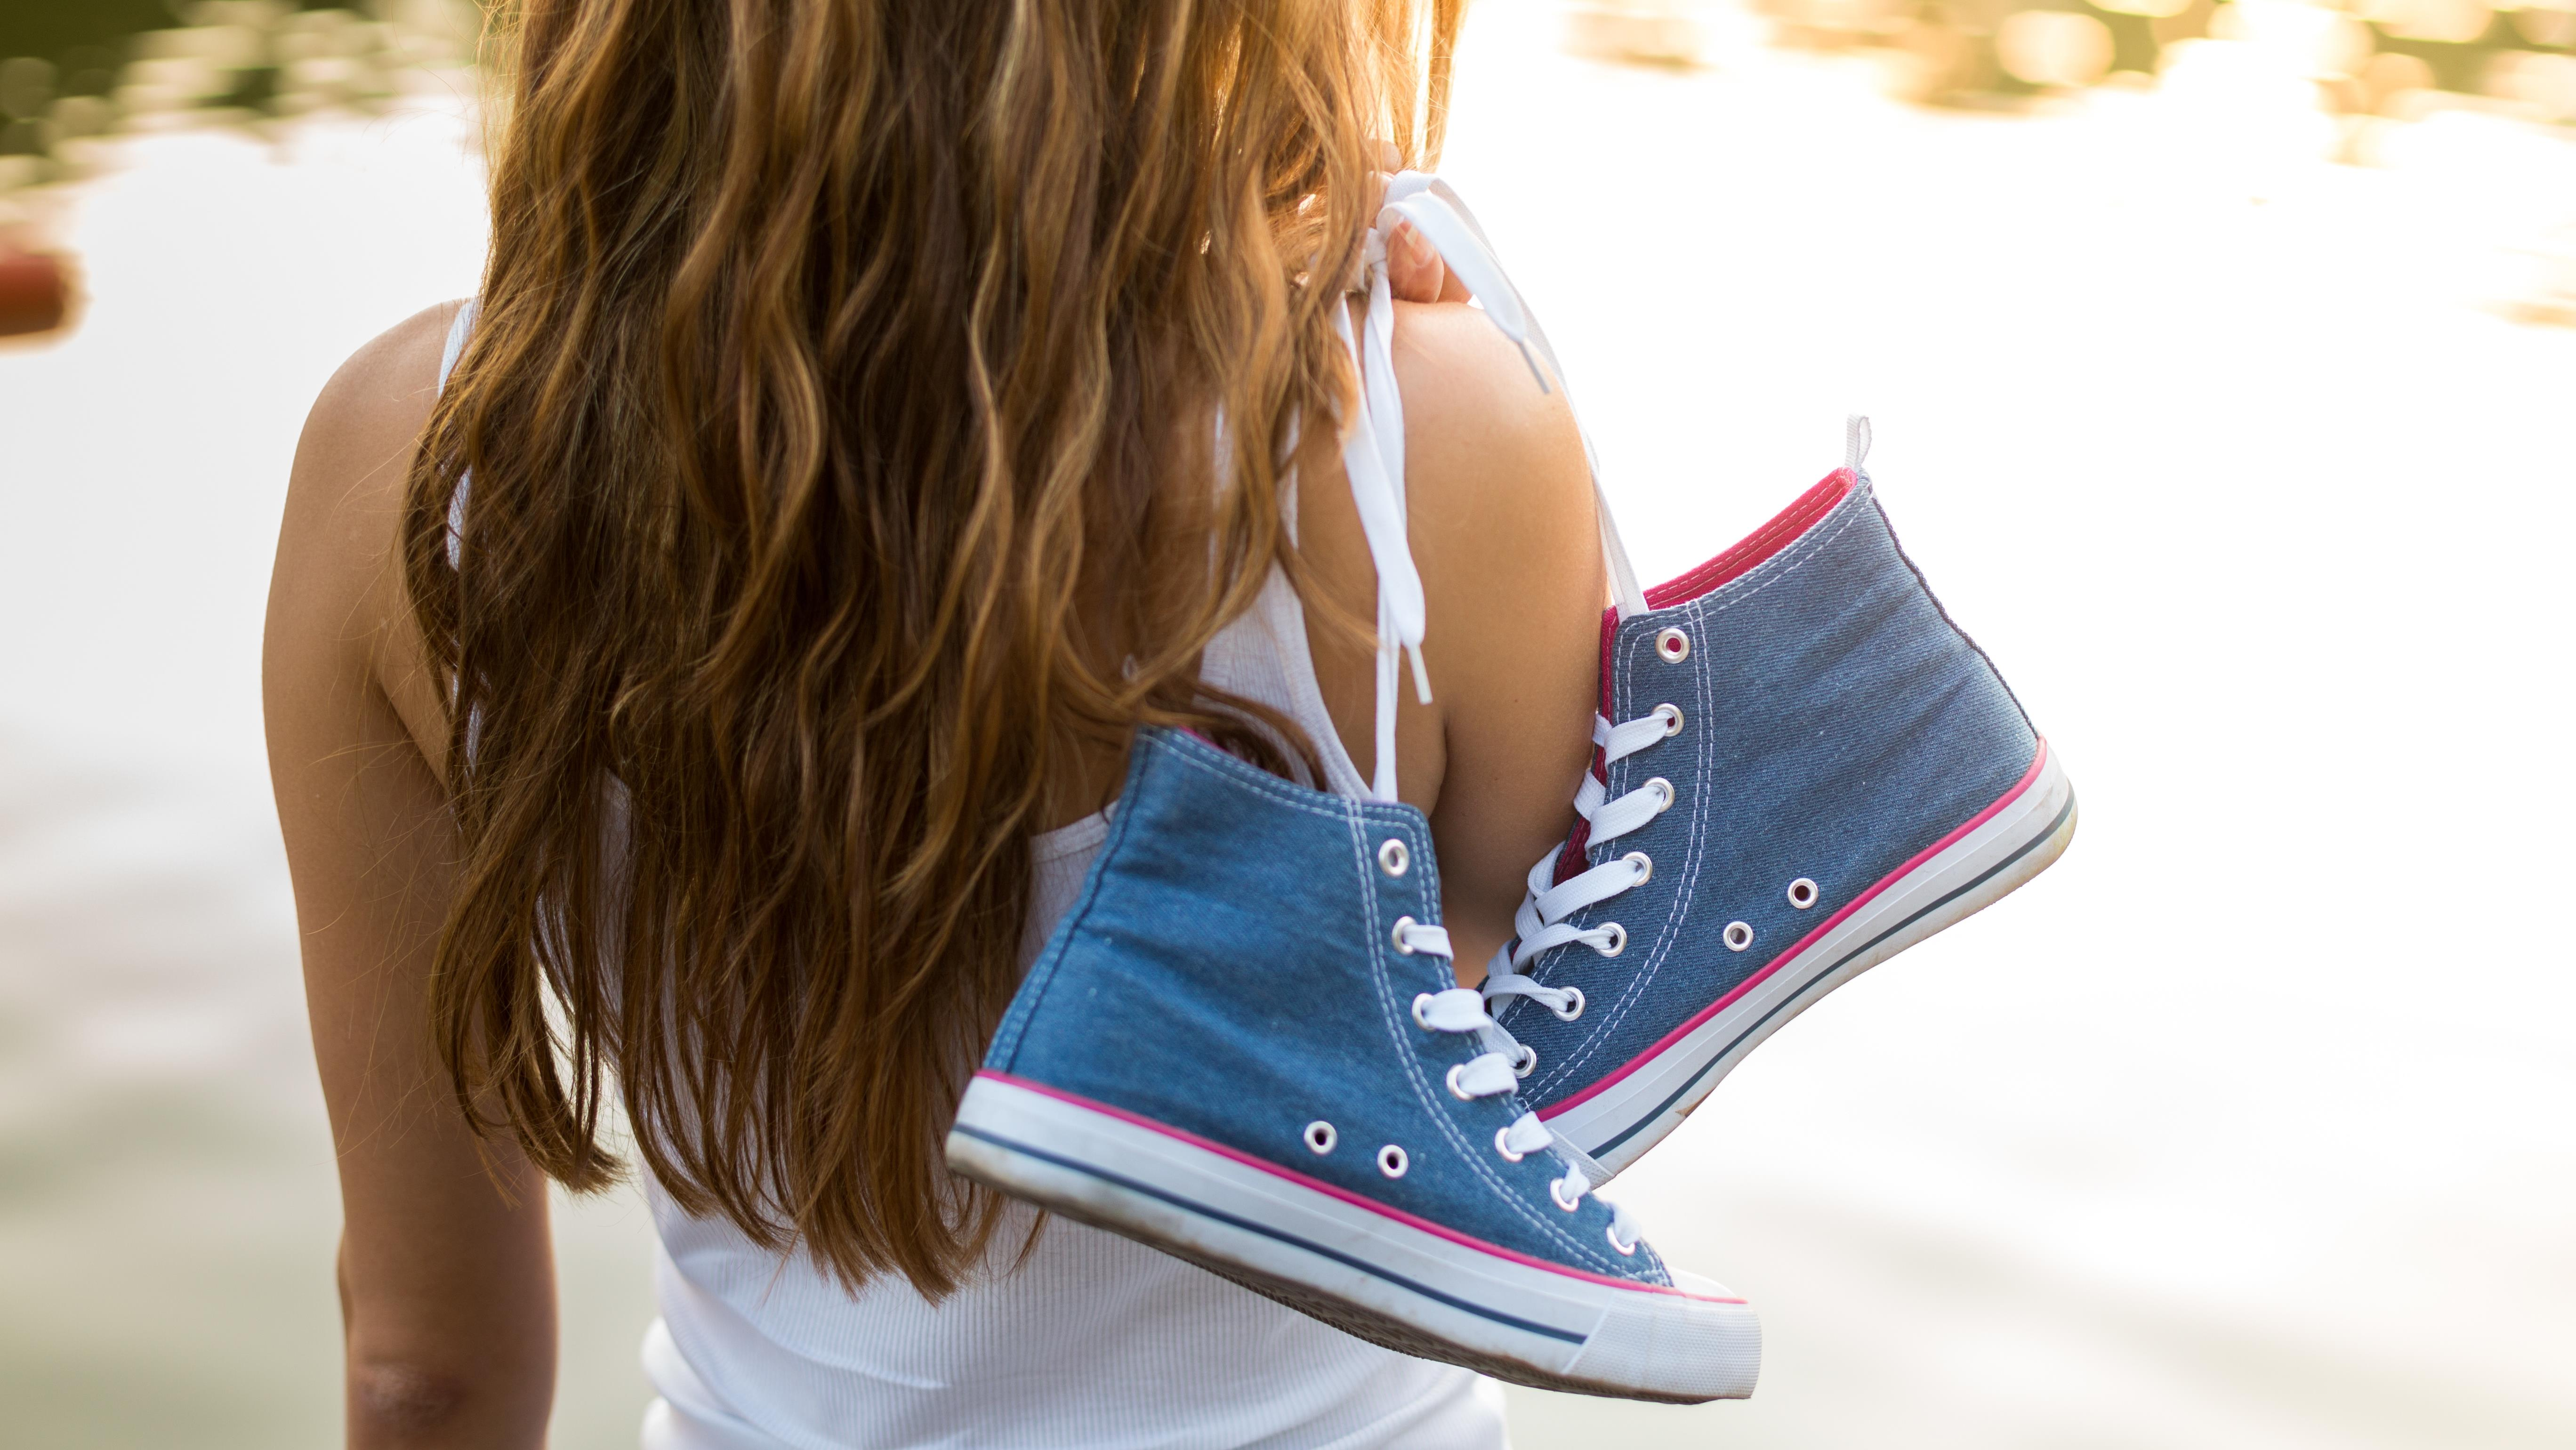 na stopach zdjęcia Darmowa dostawa duża zniżka buty nike